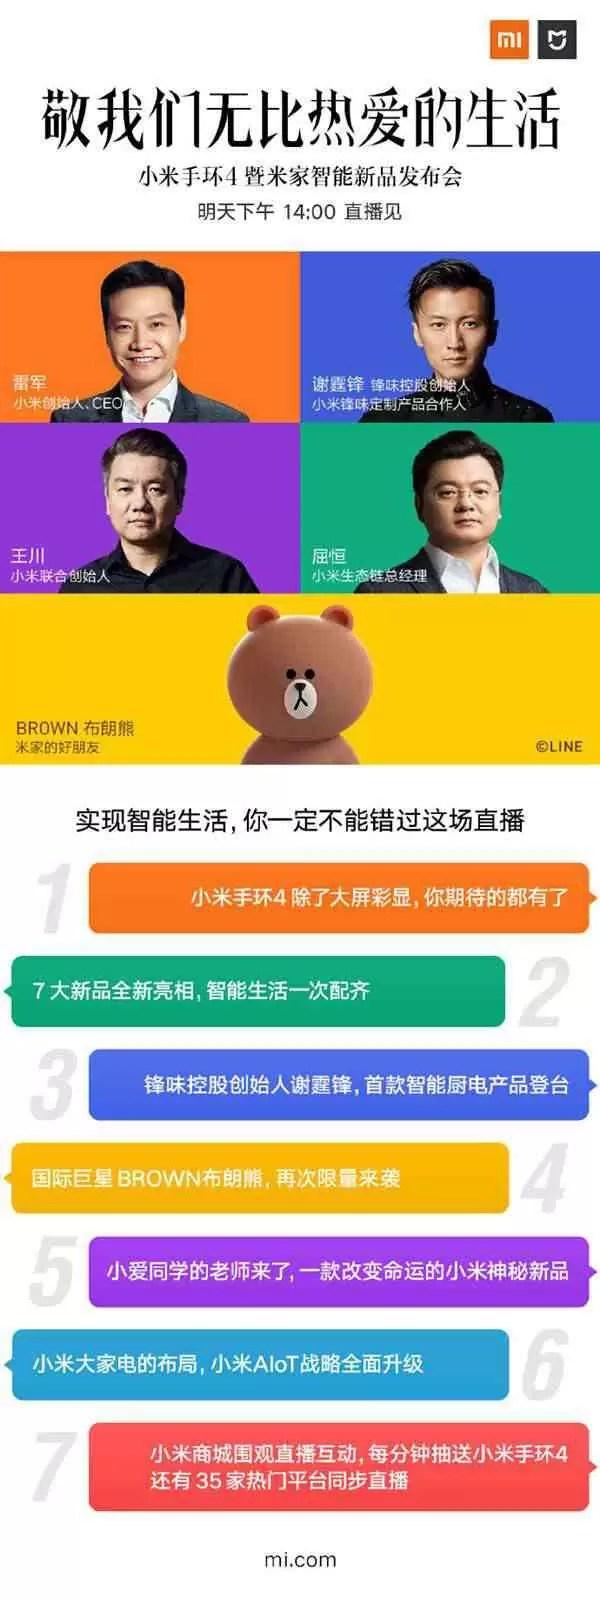 Xiaomi vai anunciar 8 novos produtos amanhã, onde se inclui a Mi Band 4 1